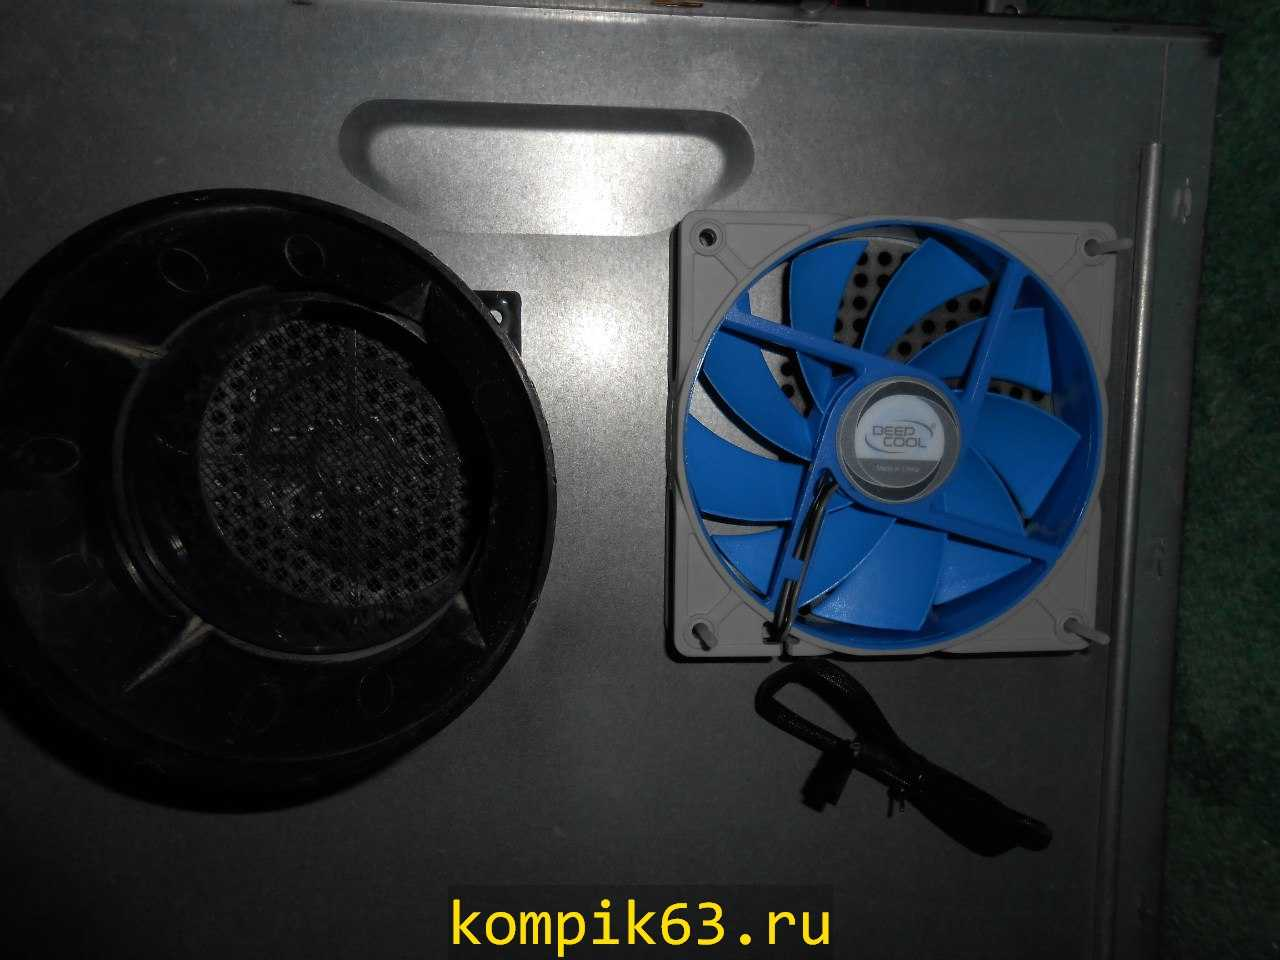 kompik63.ru-138